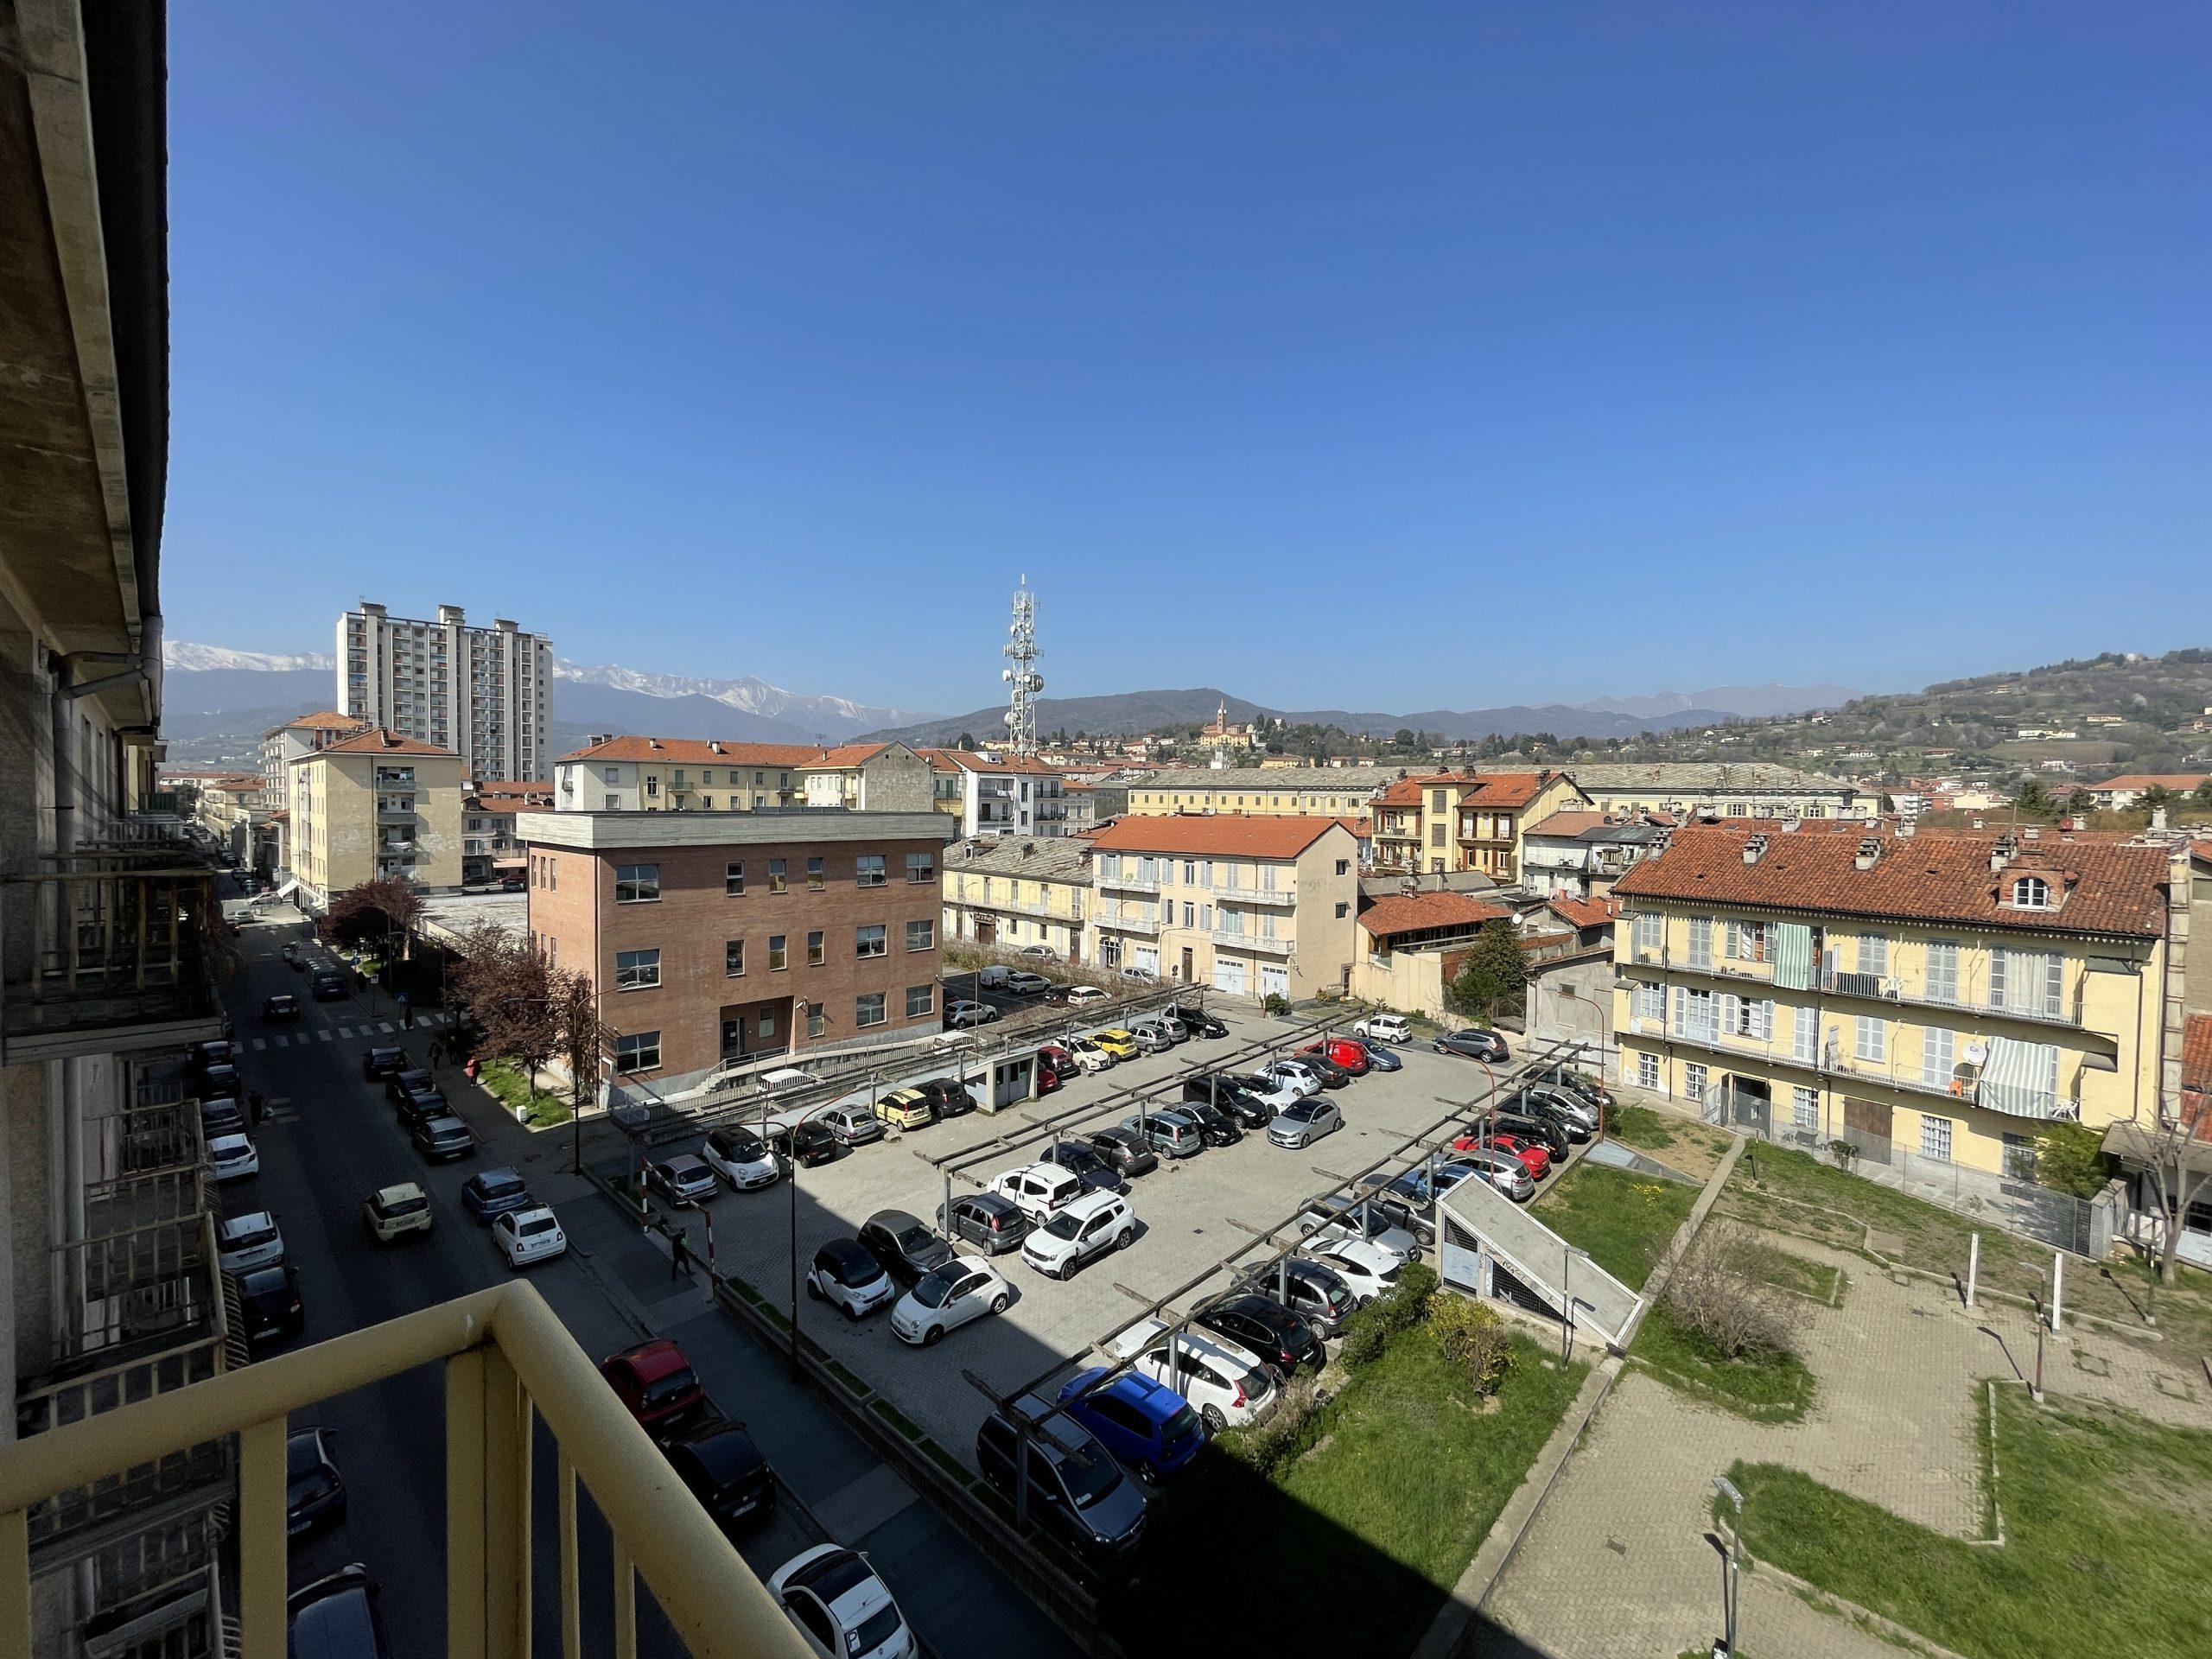 Trilocale centrale con vista panoramica